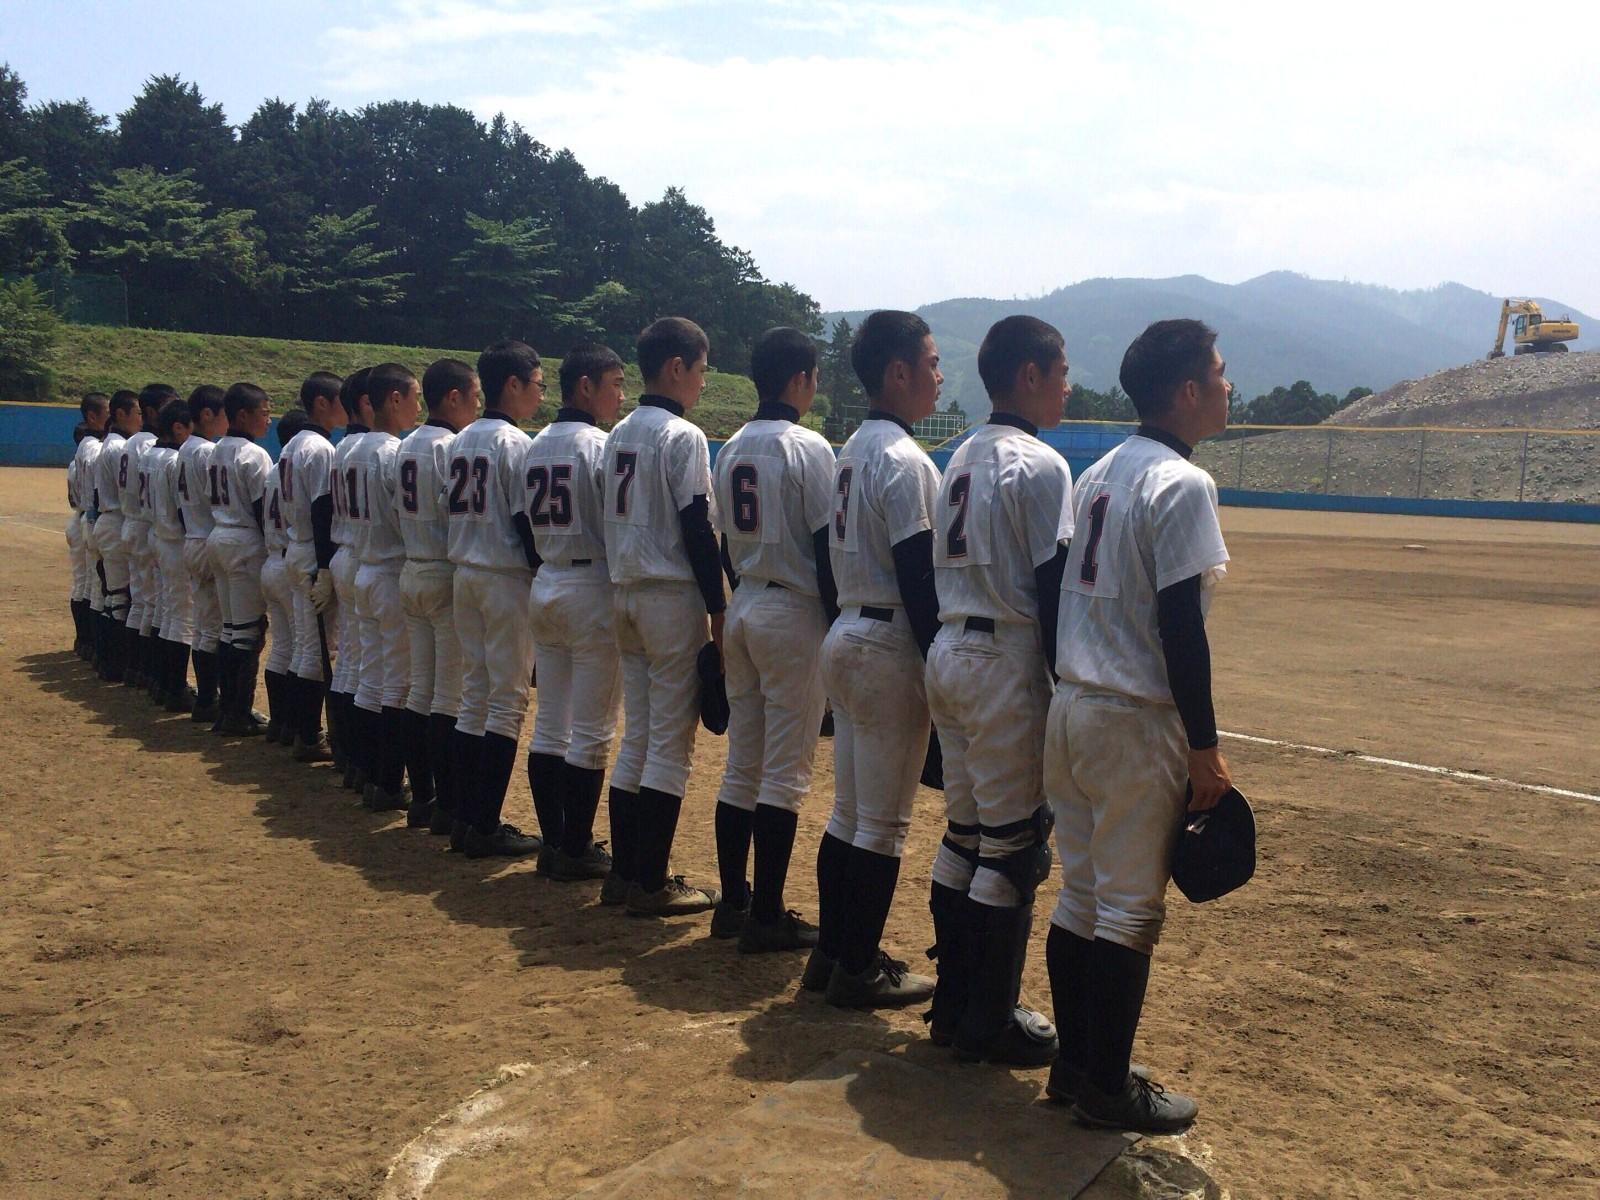 2016.05.29 2016 MEIKO CUP 関東連盟夏季大会 2回戦 浜松南リトルシニア戦 整列